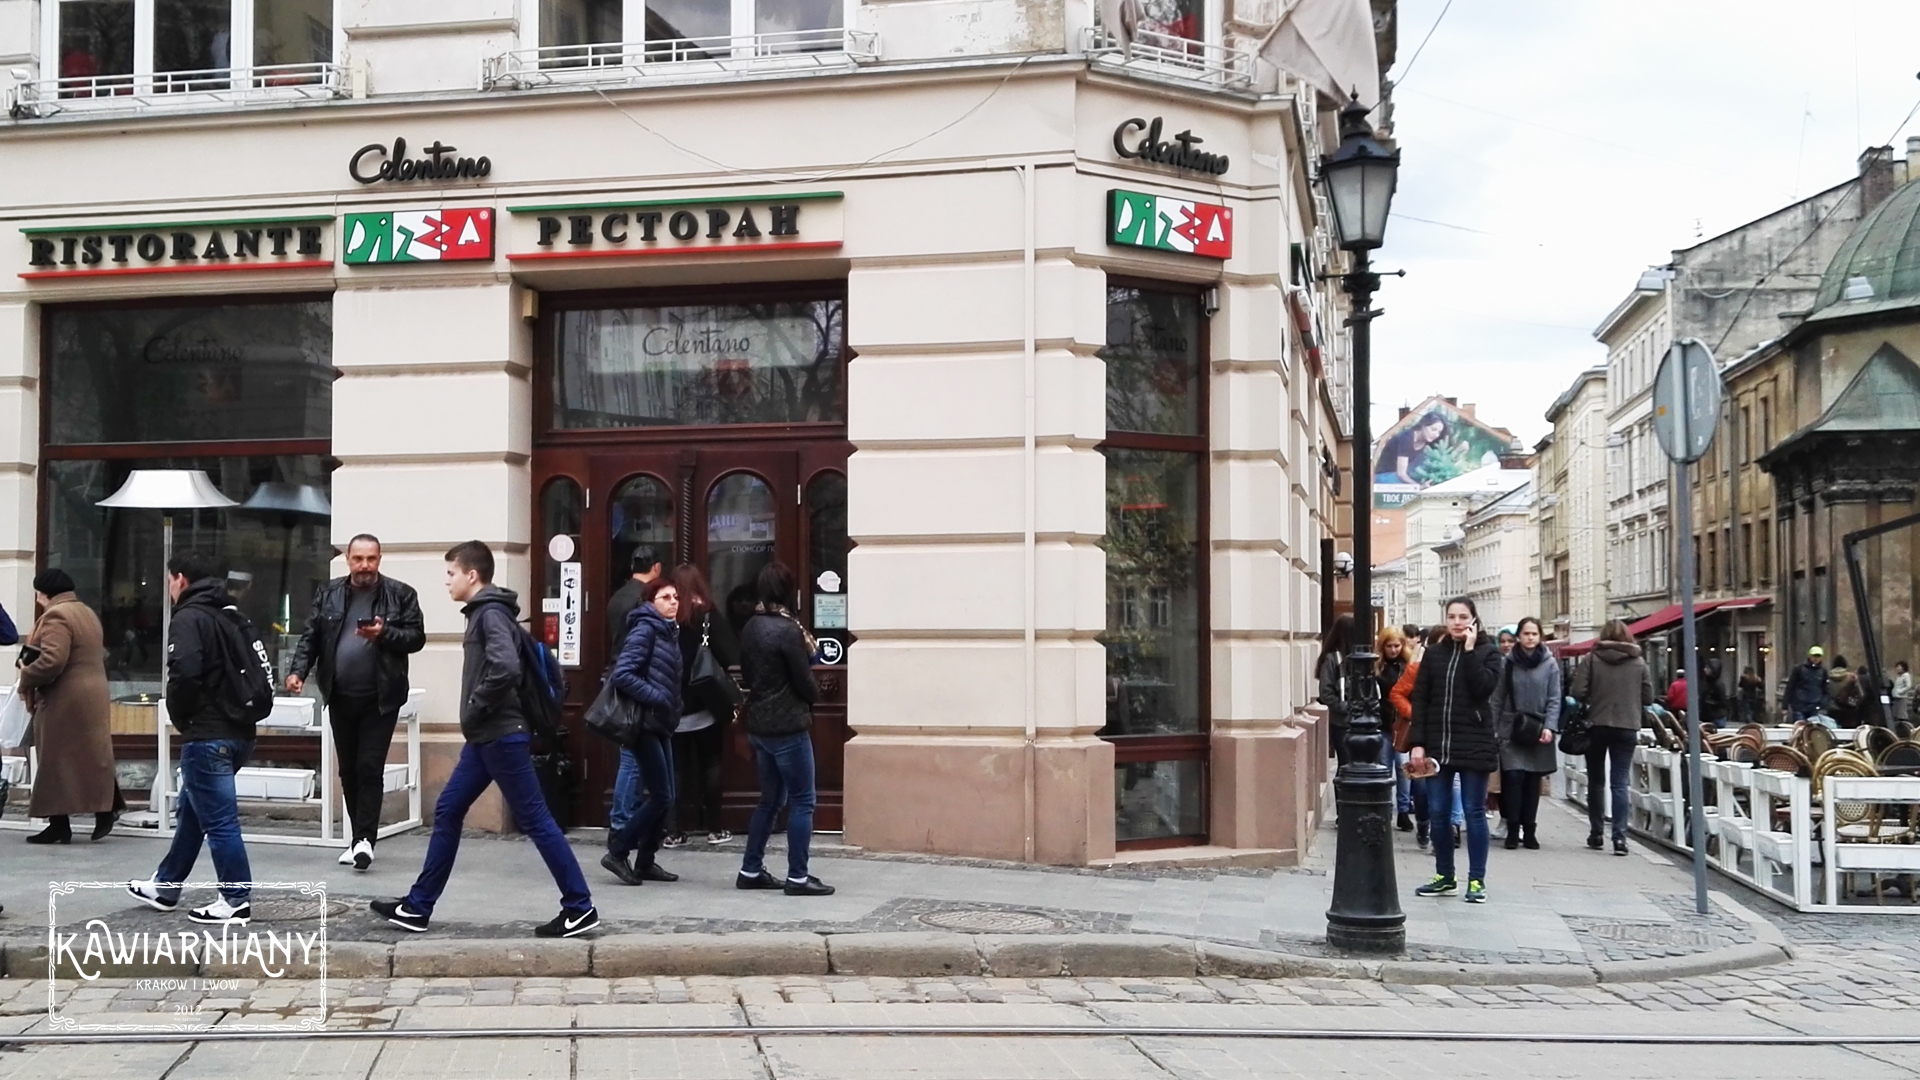 Co i gdzie jeść we Lwowie? Pizzeria Celentano Ristorante, ul. Halicka 1, Lwów